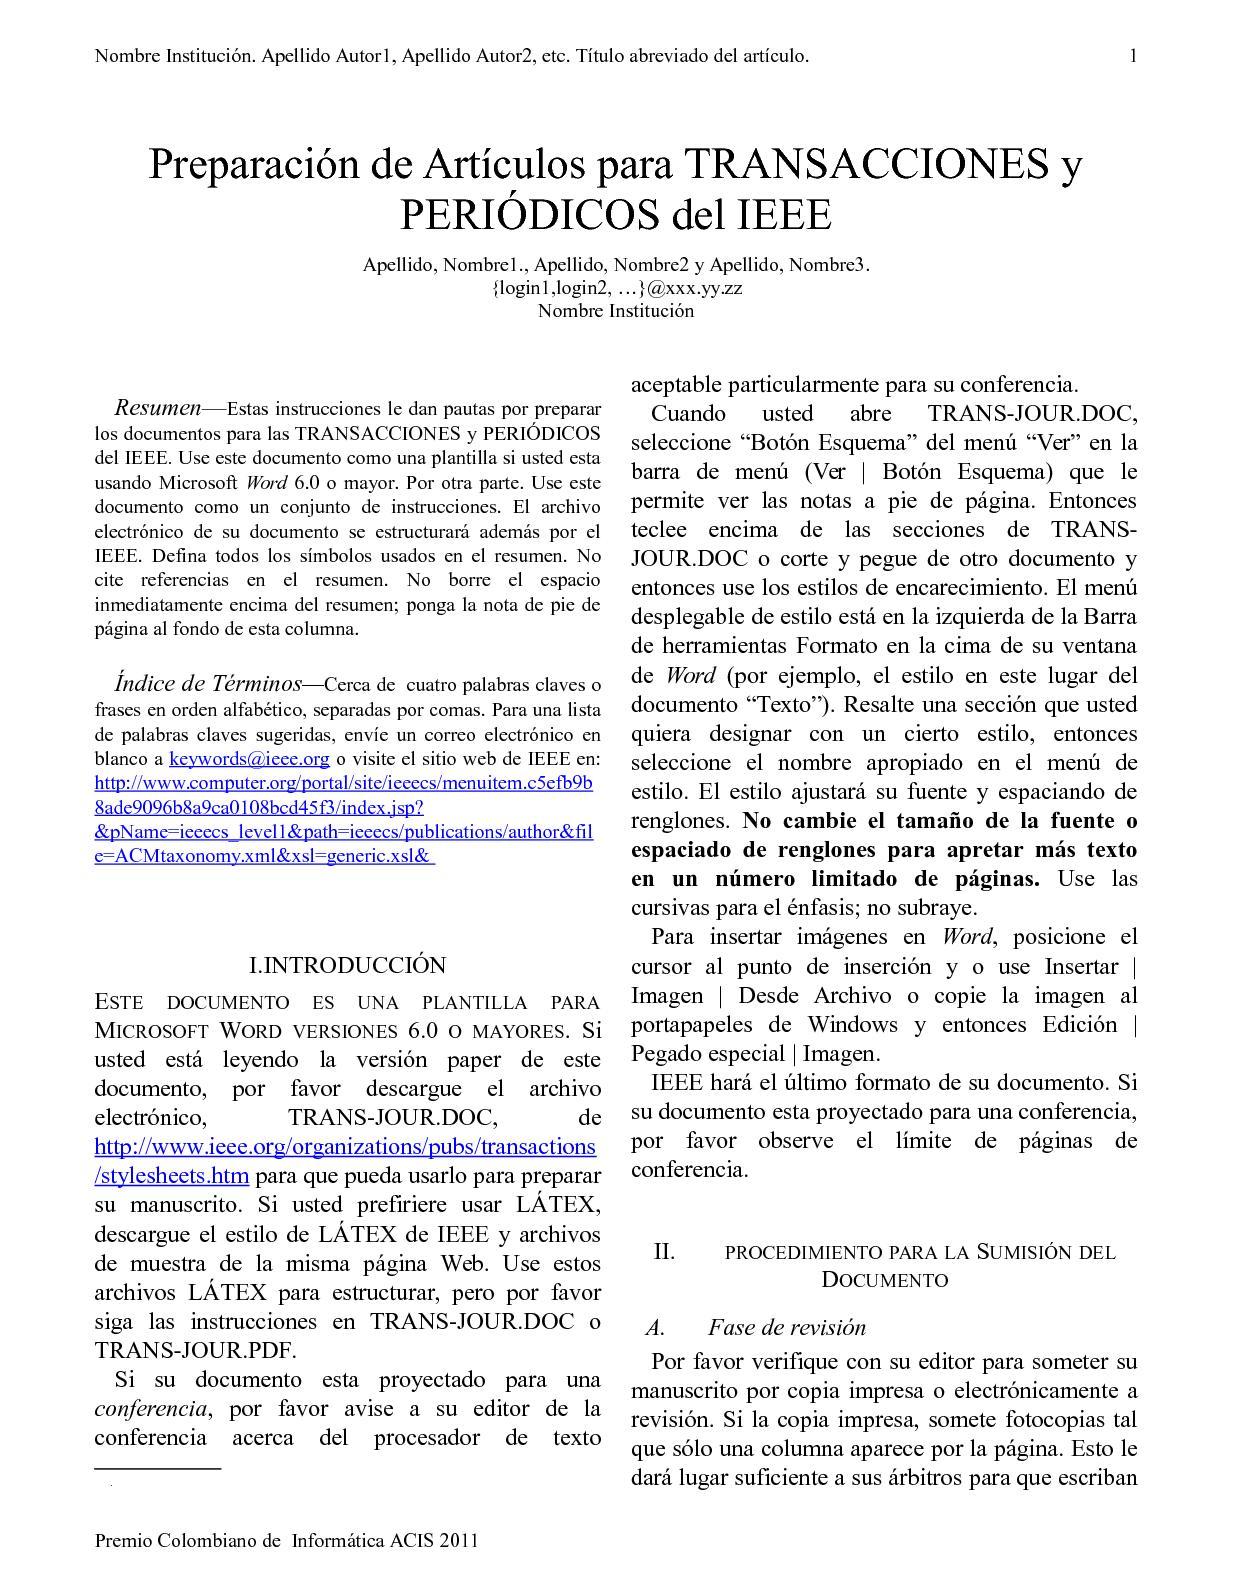 Calaméo - Formato Articulos Ieee